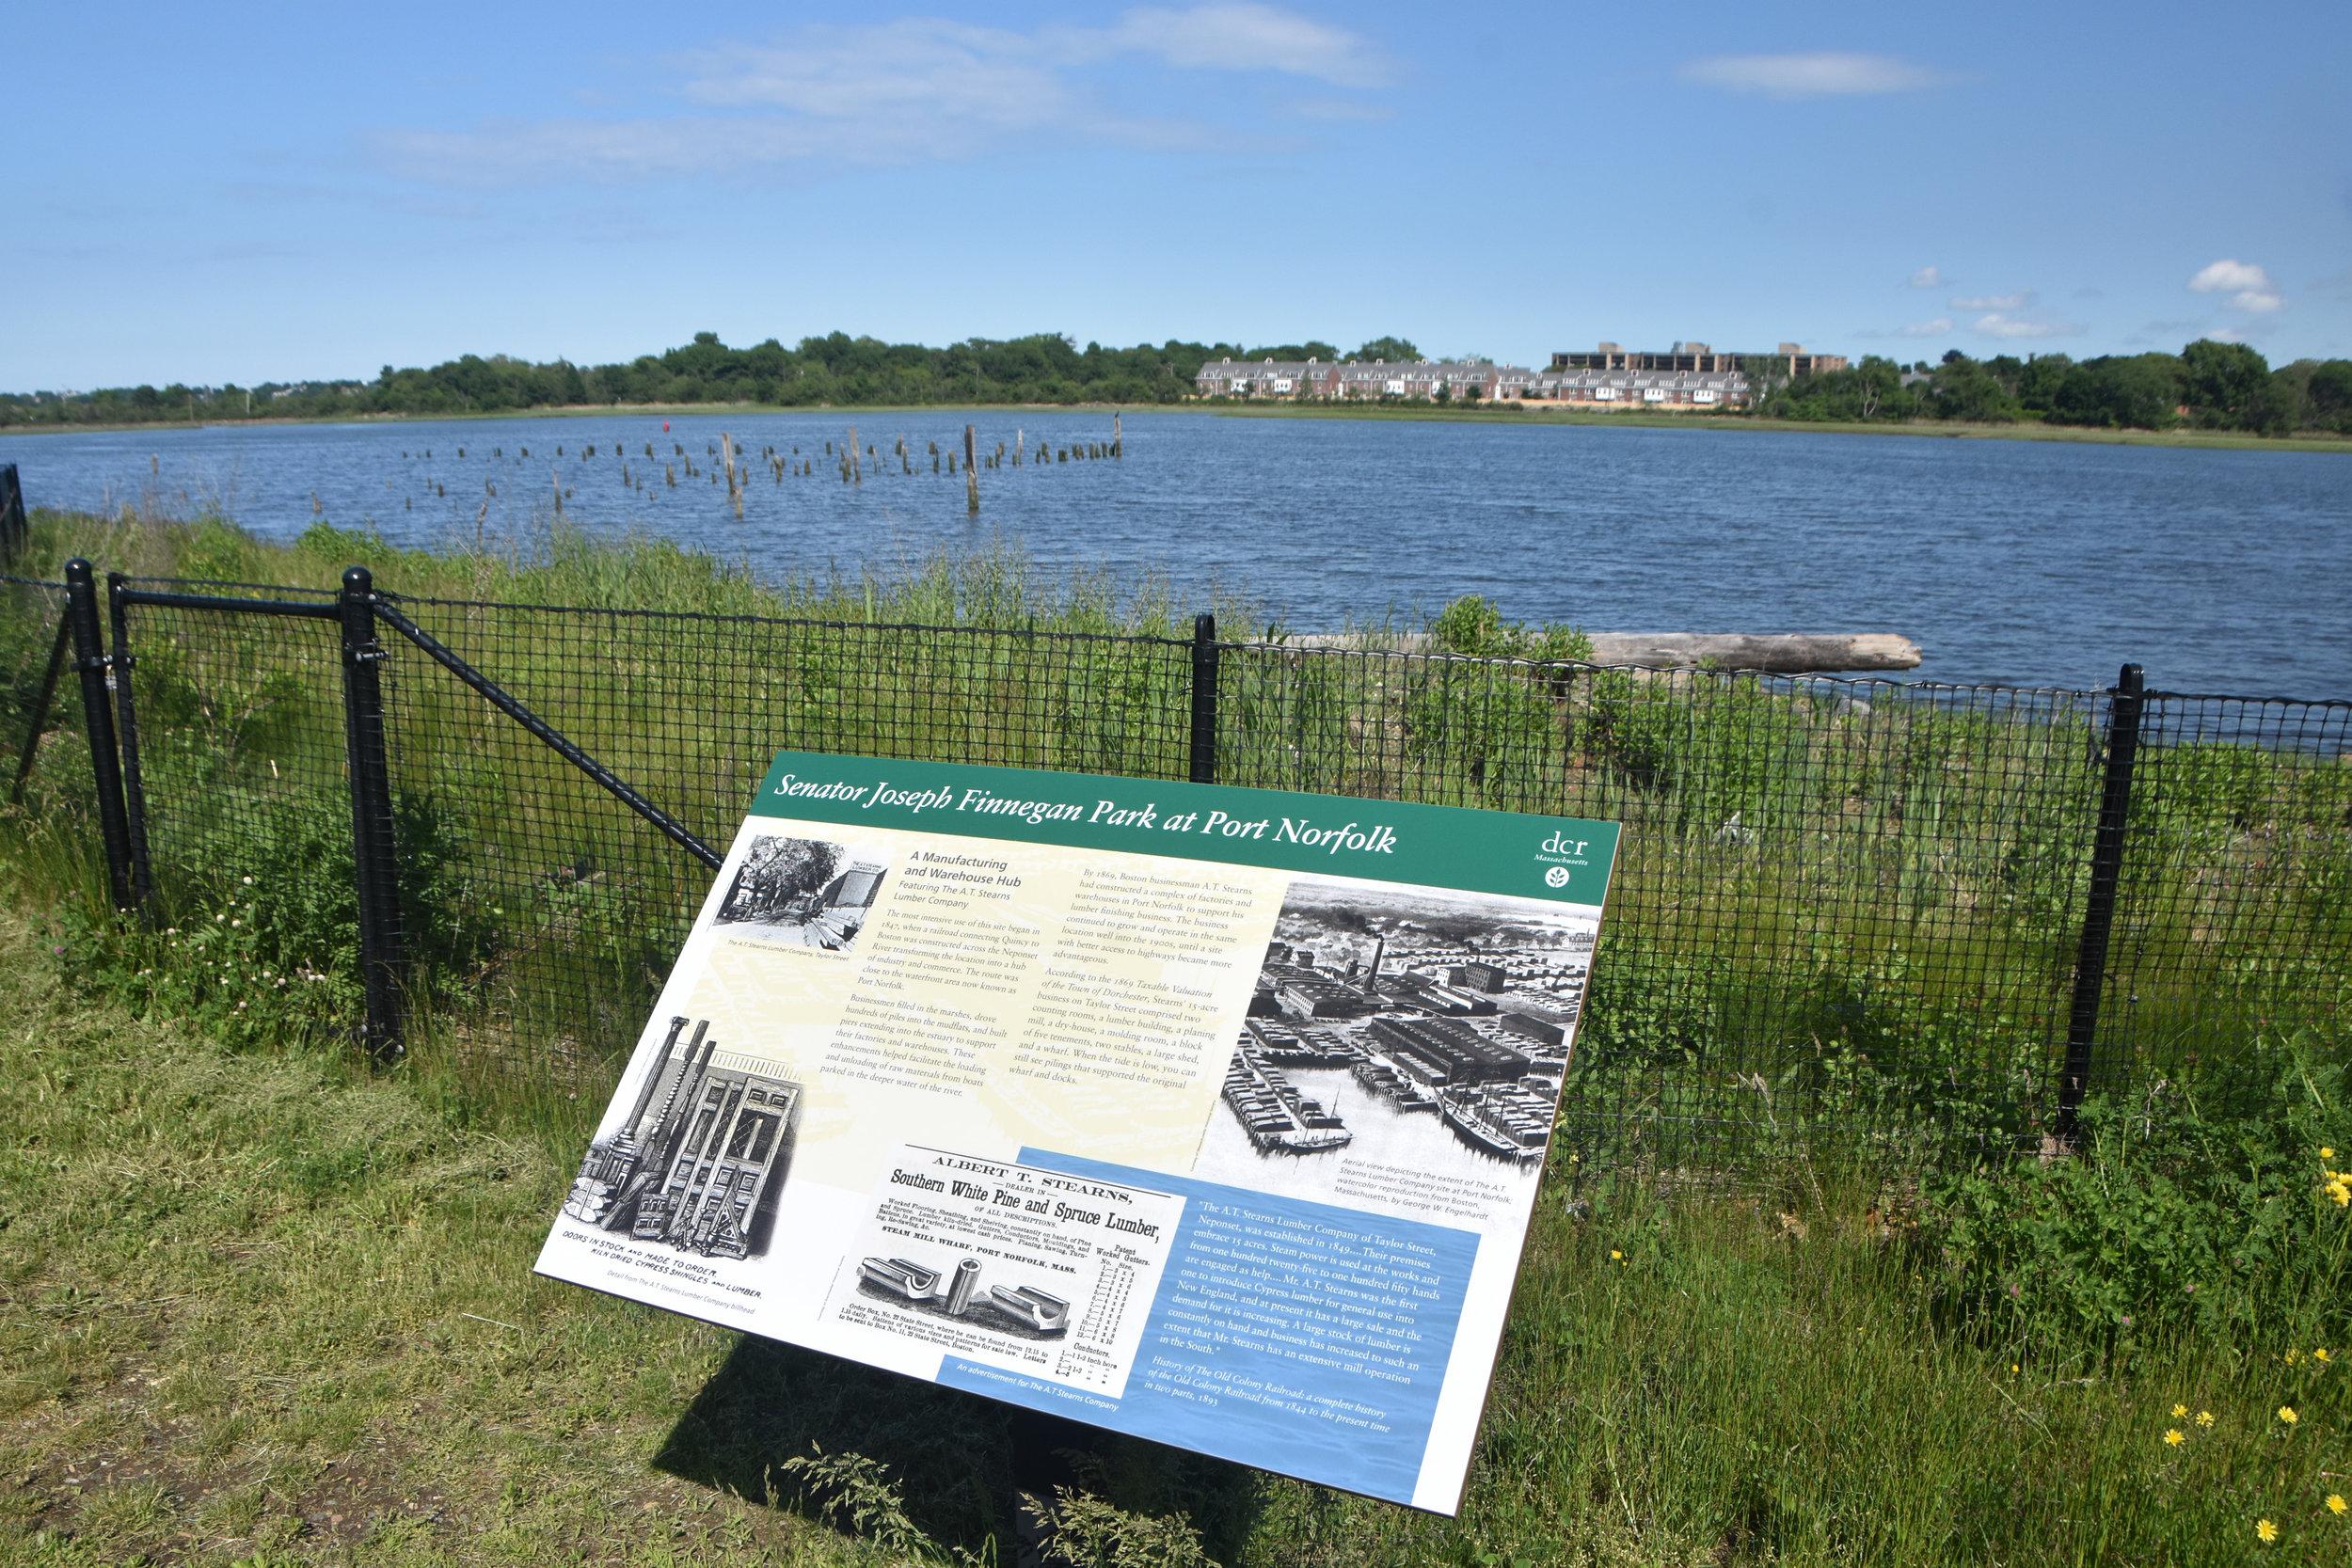 Environmental Signage at Senator Joseph Finnegan Park at Port Norfolk